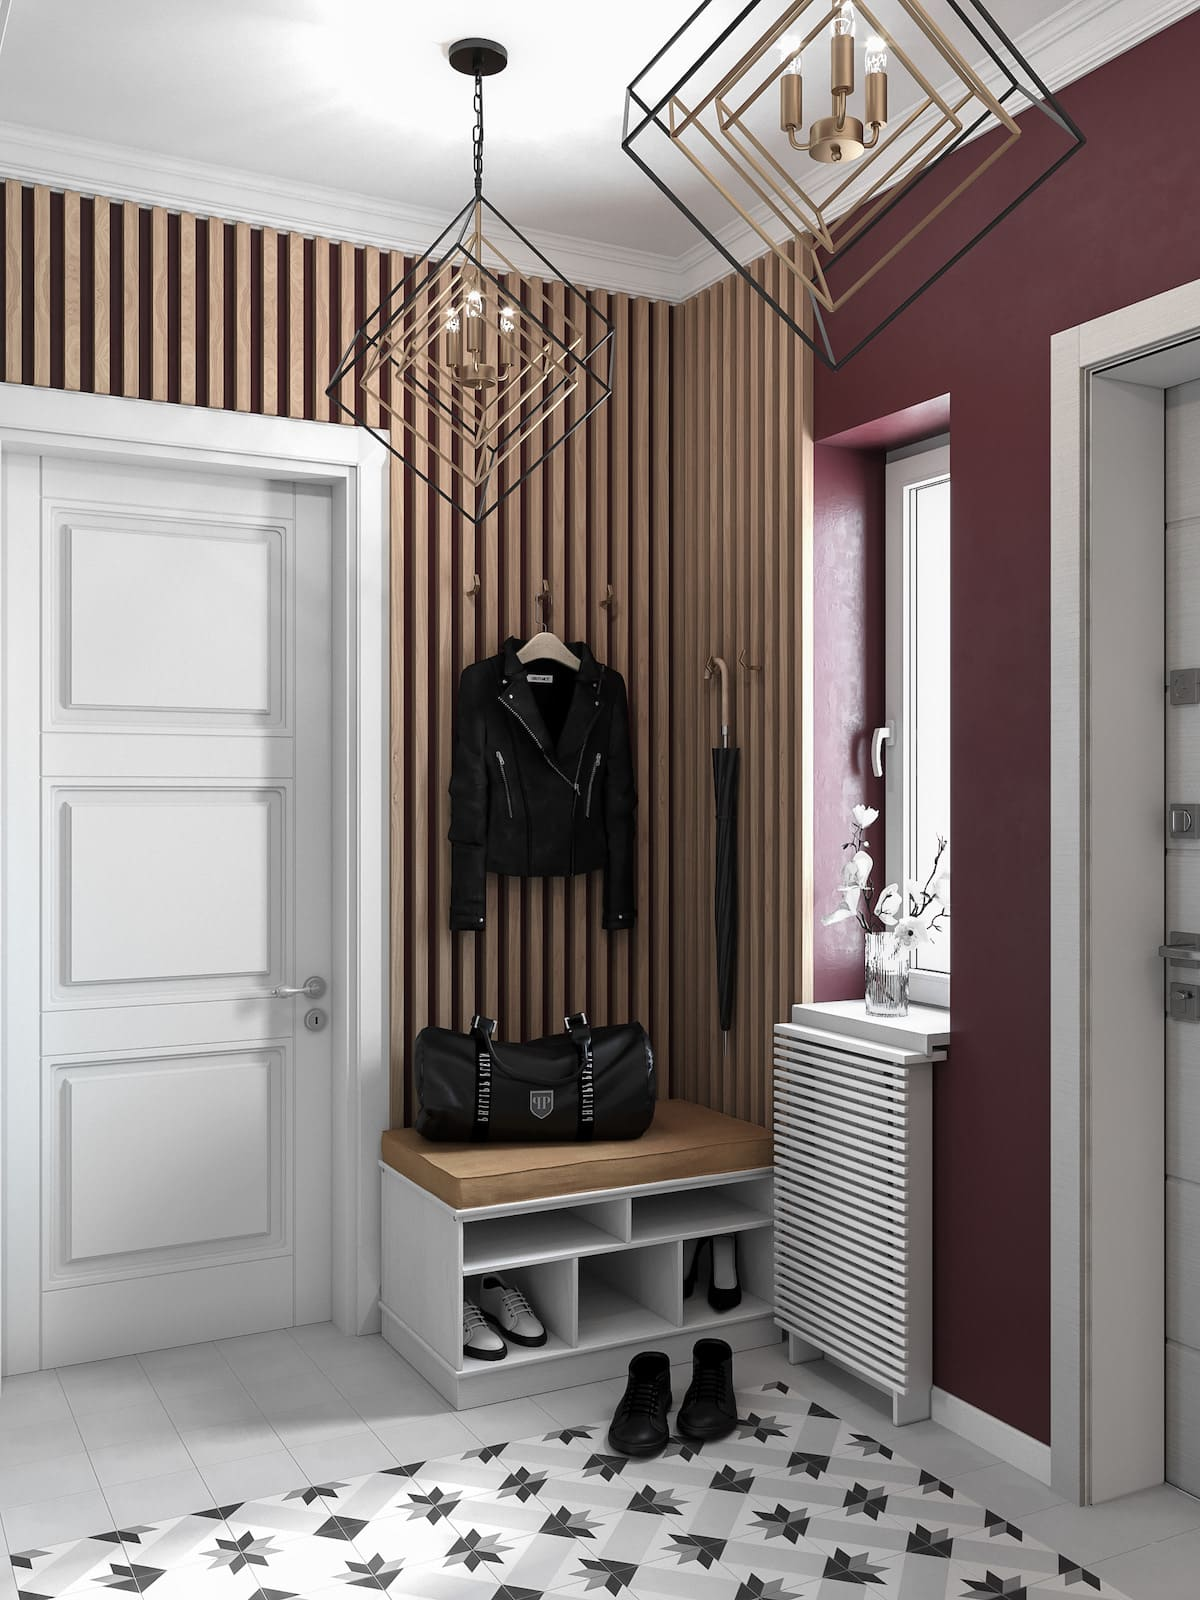 design d'intérieur couloir photo 1